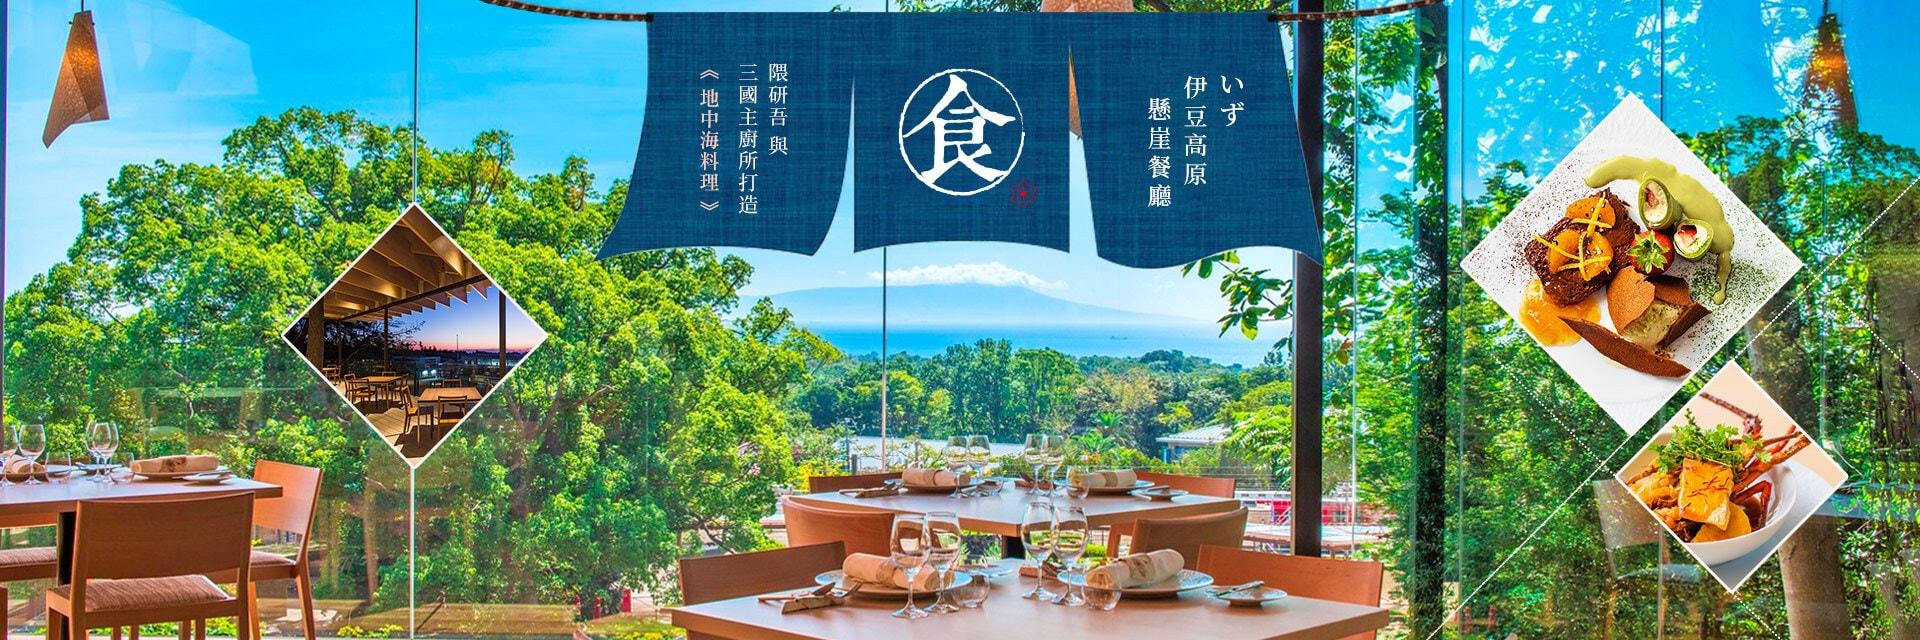 Mikuni伊豆高原